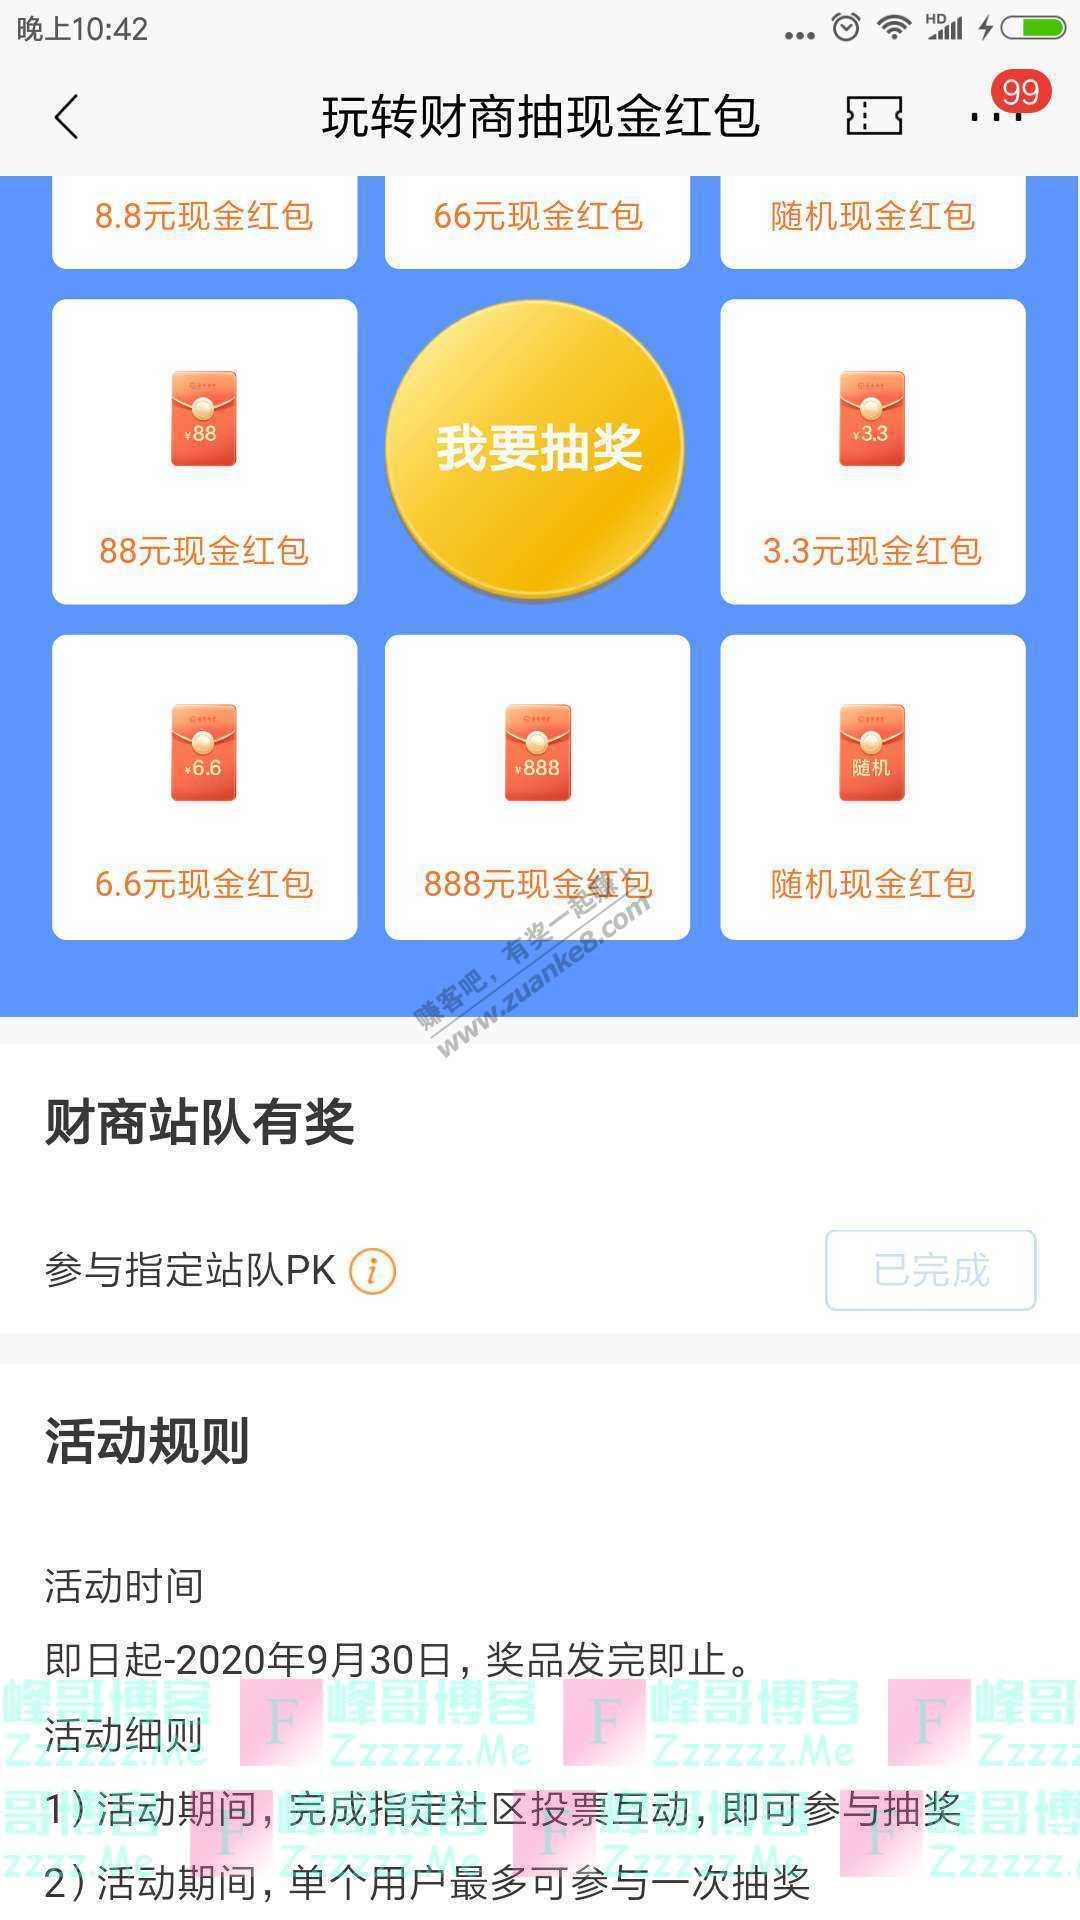 招商银行app玩转财商抽现金红包(截止9月30日)